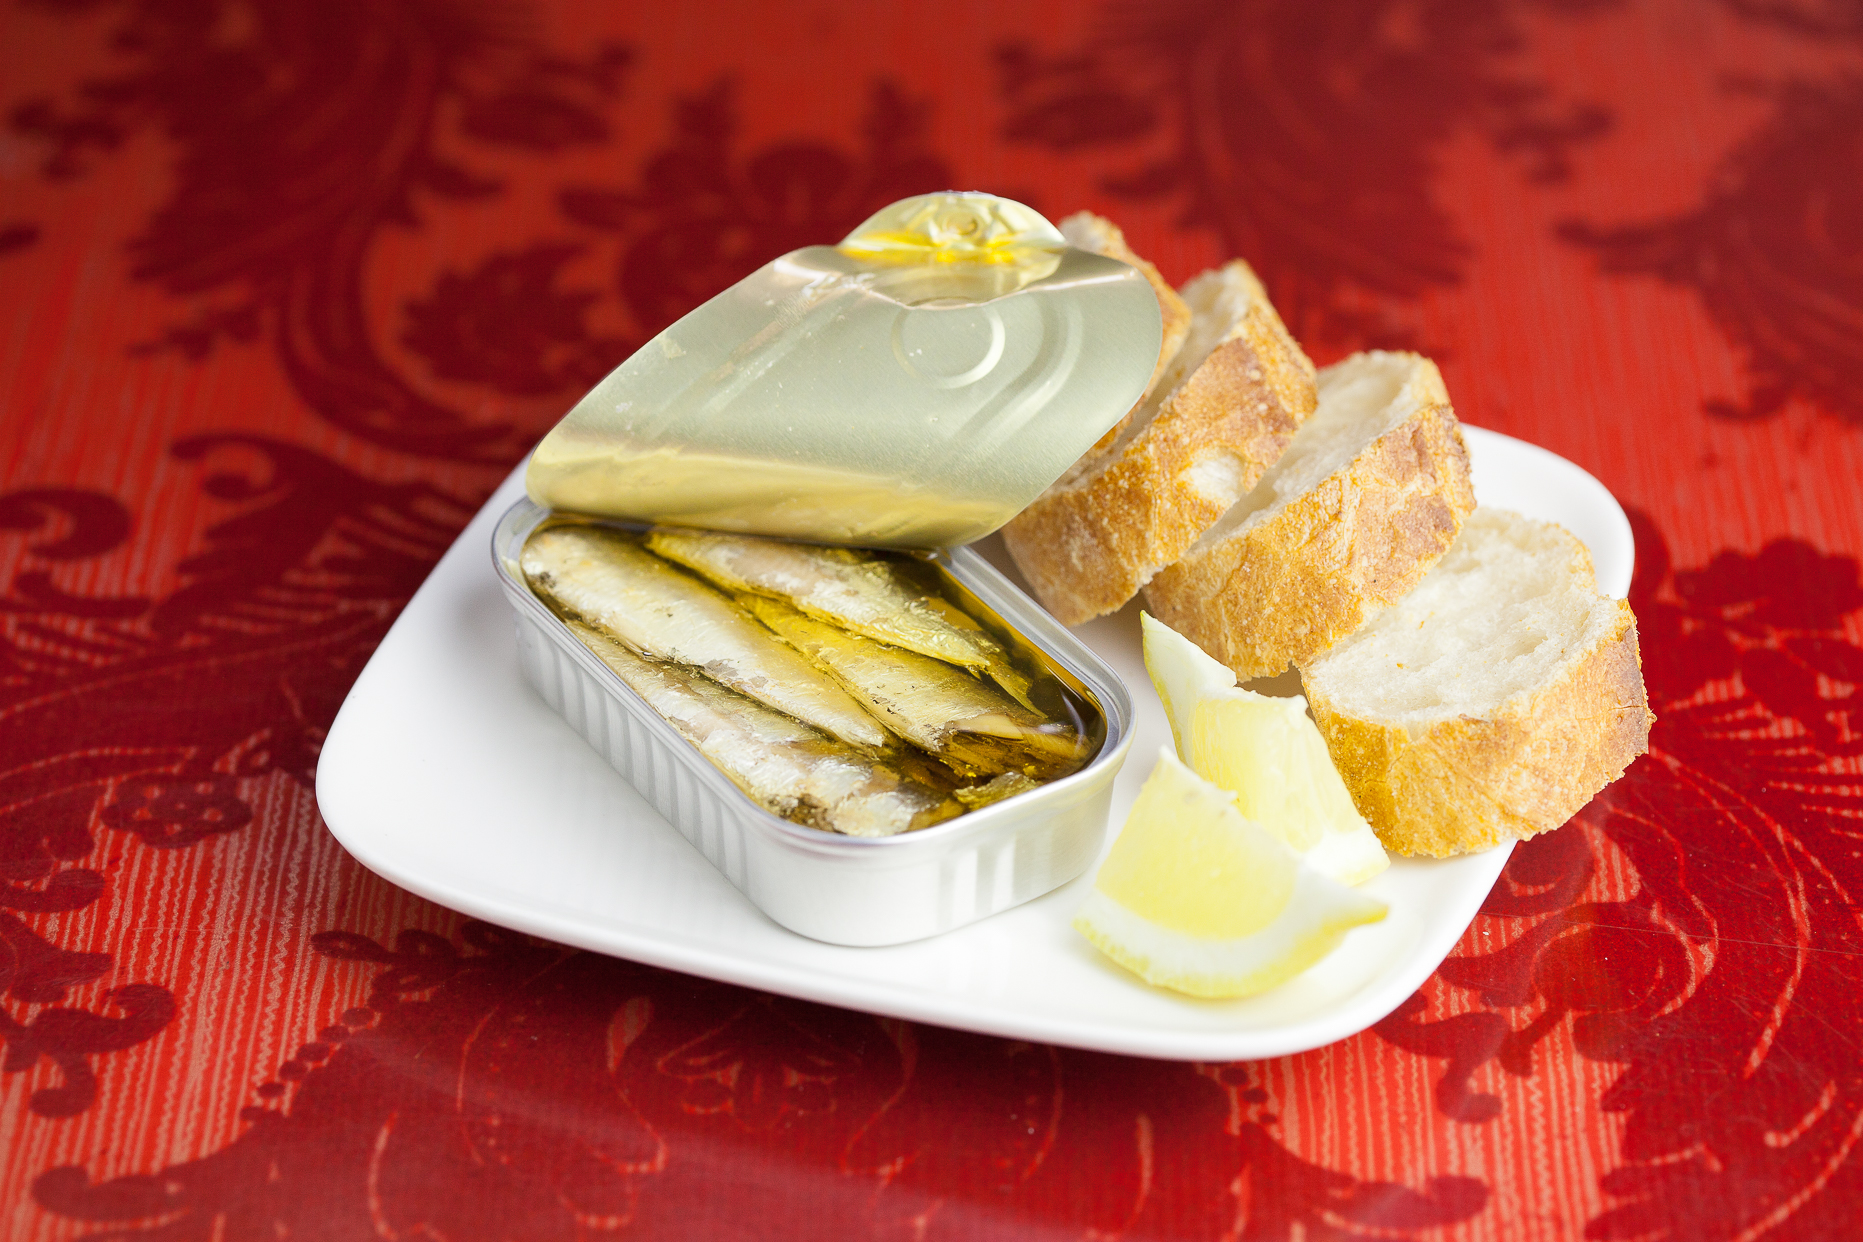 Jose Gourmet, Sardinhas Petingas Picantes (Spiced Small Sardines).jpg